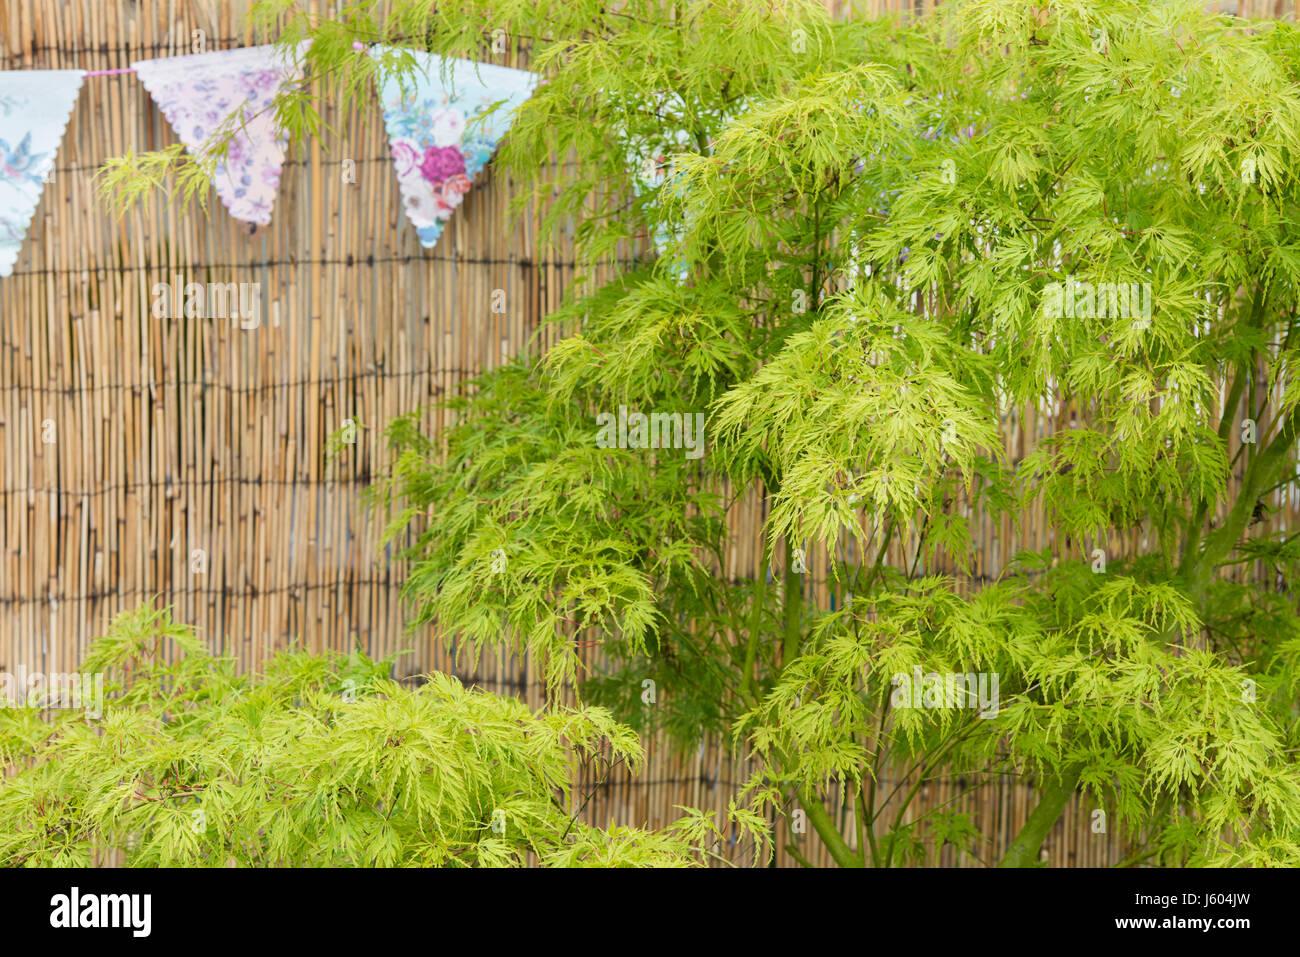 Acer Palmatum Dissectum Seiryu Stock Photos Acer Palmatum